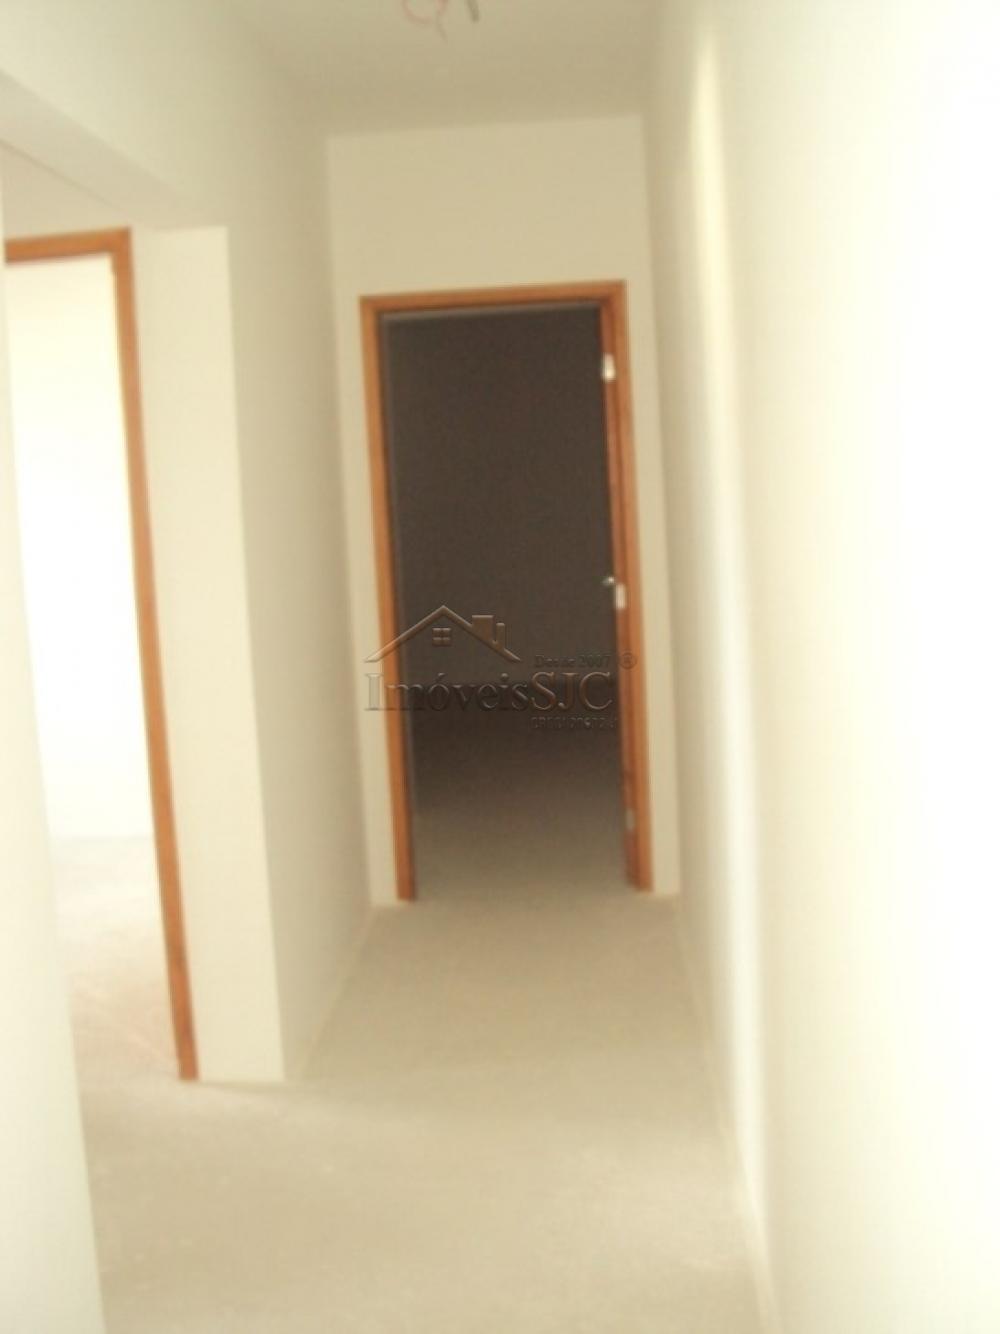 Comprar Apartamentos / Padrão em São José dos Campos apenas R$ 495.000,00 - Foto 7